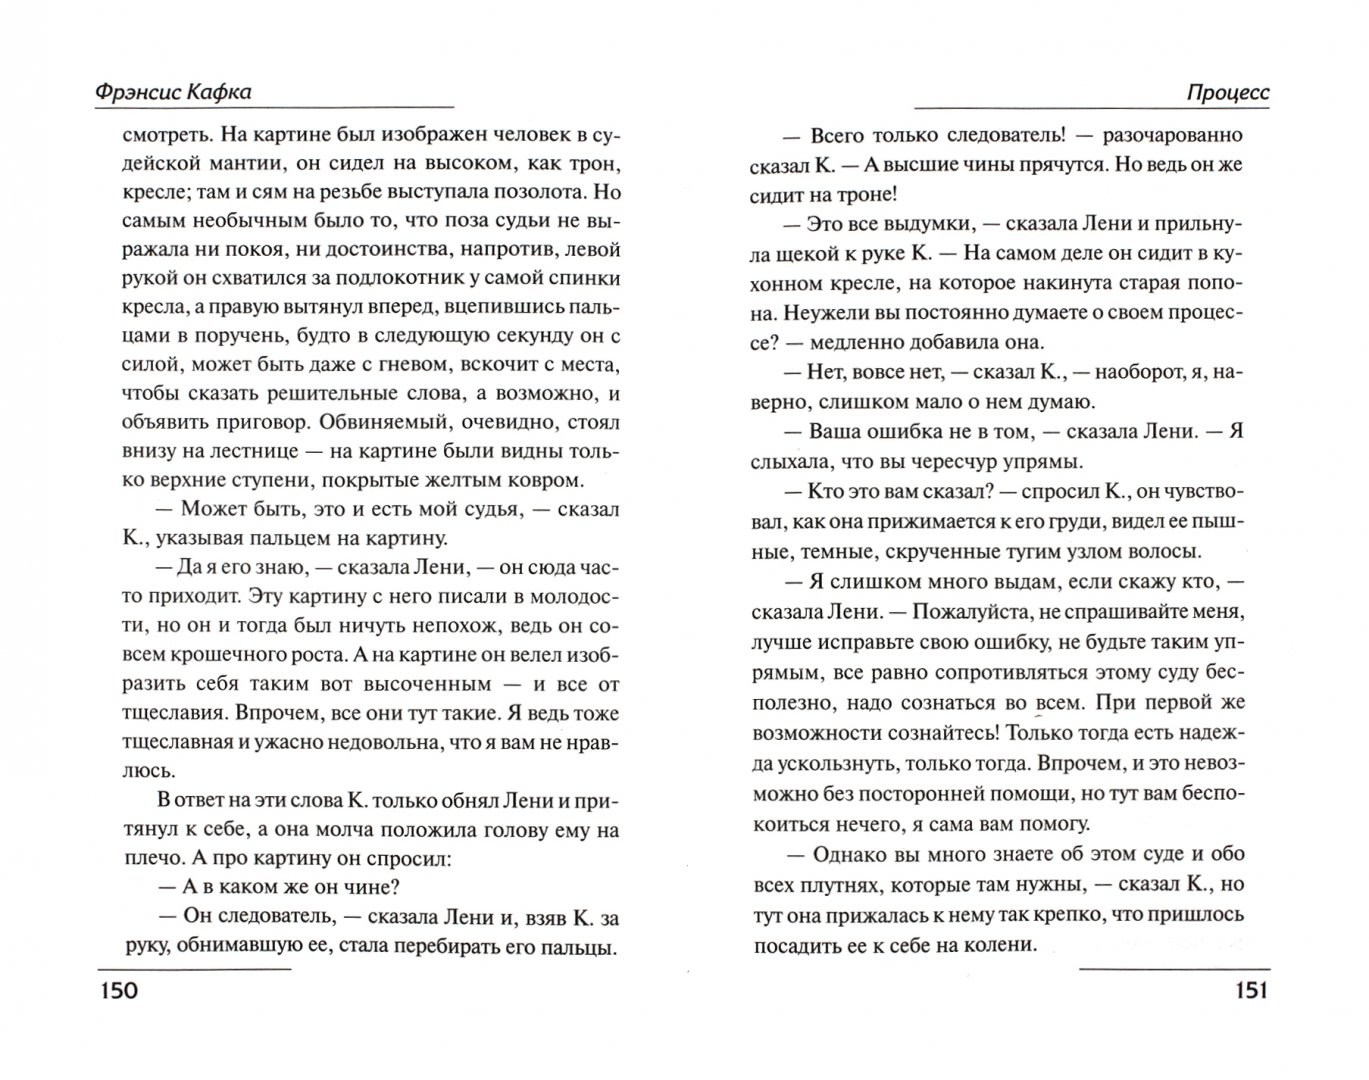 Иллюстрация 1 из 27 для Процесс - Франц Кафка | Лабиринт - книги. Источник: Лабиринт